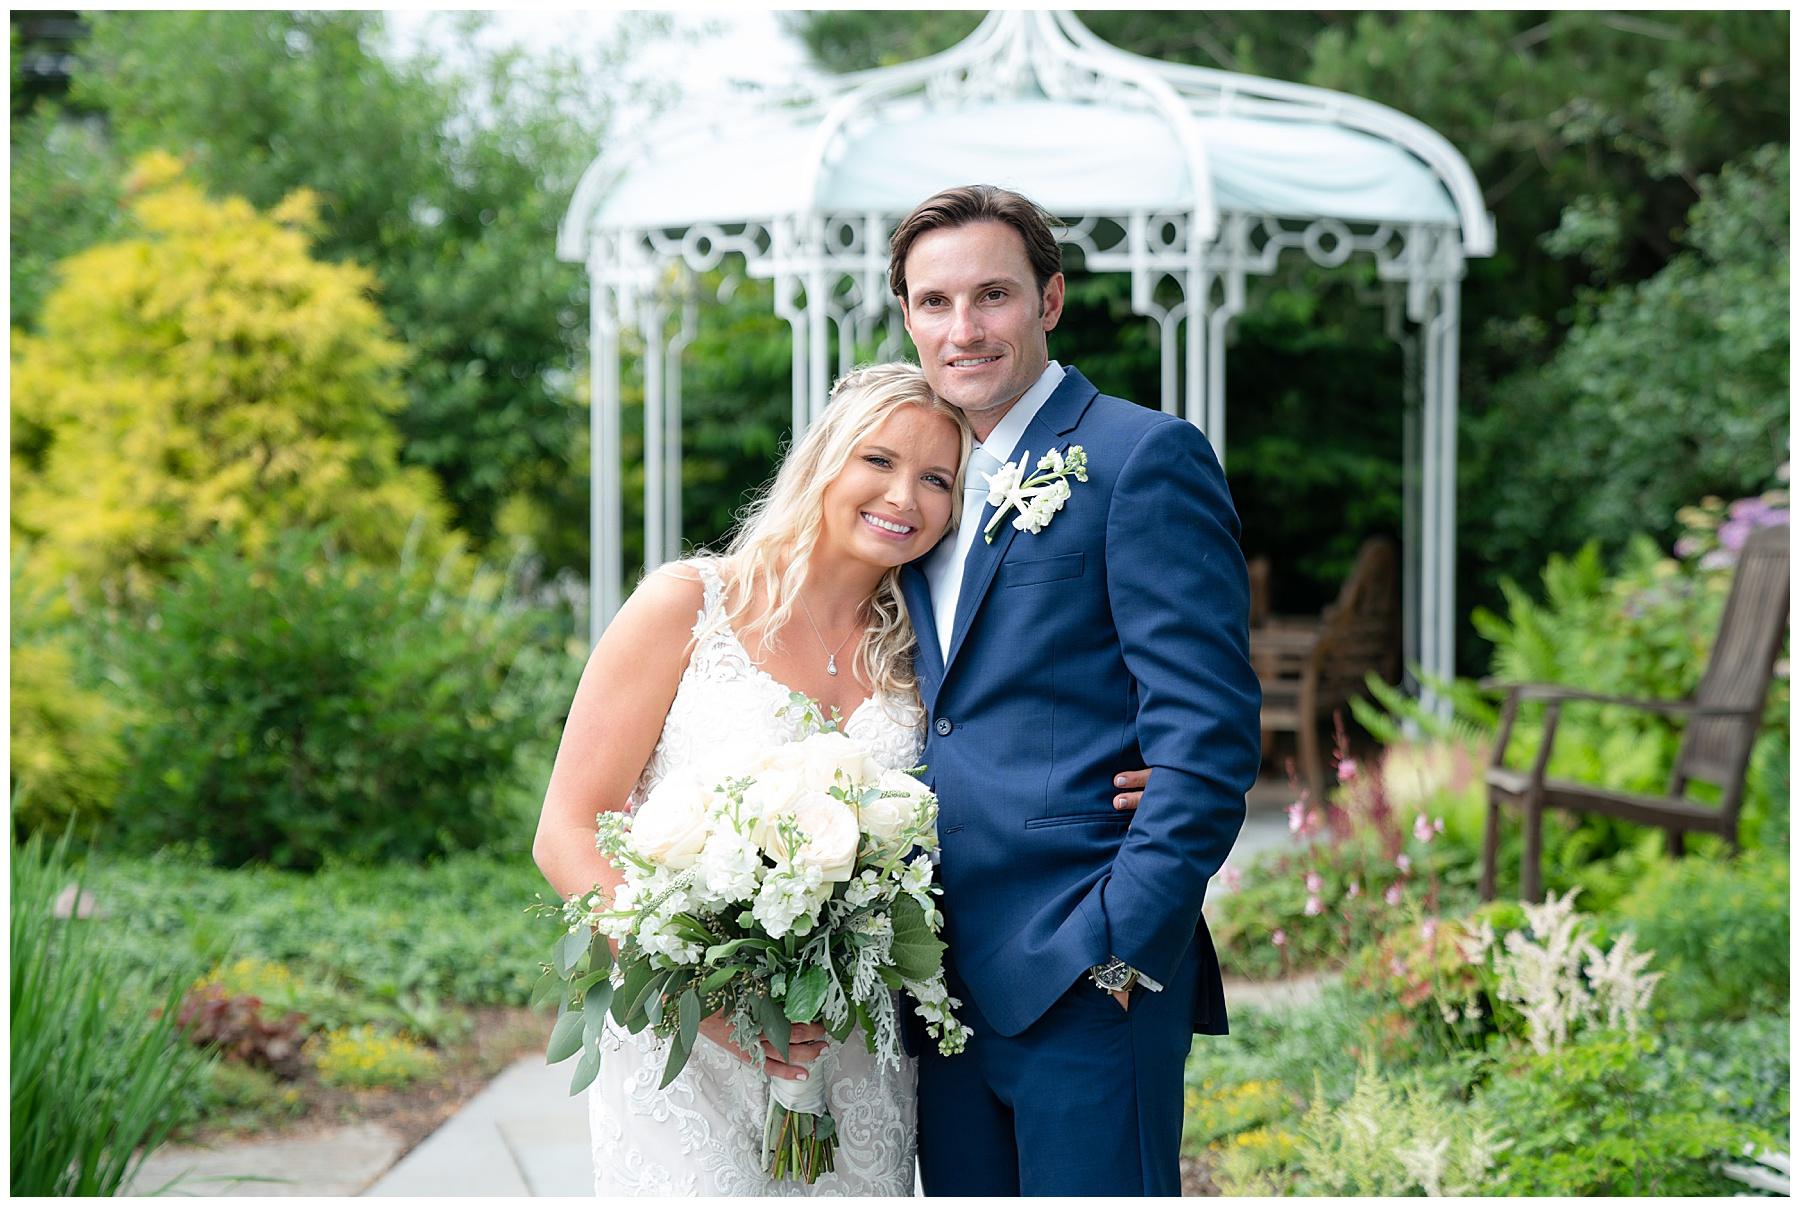 wedding under gazebo